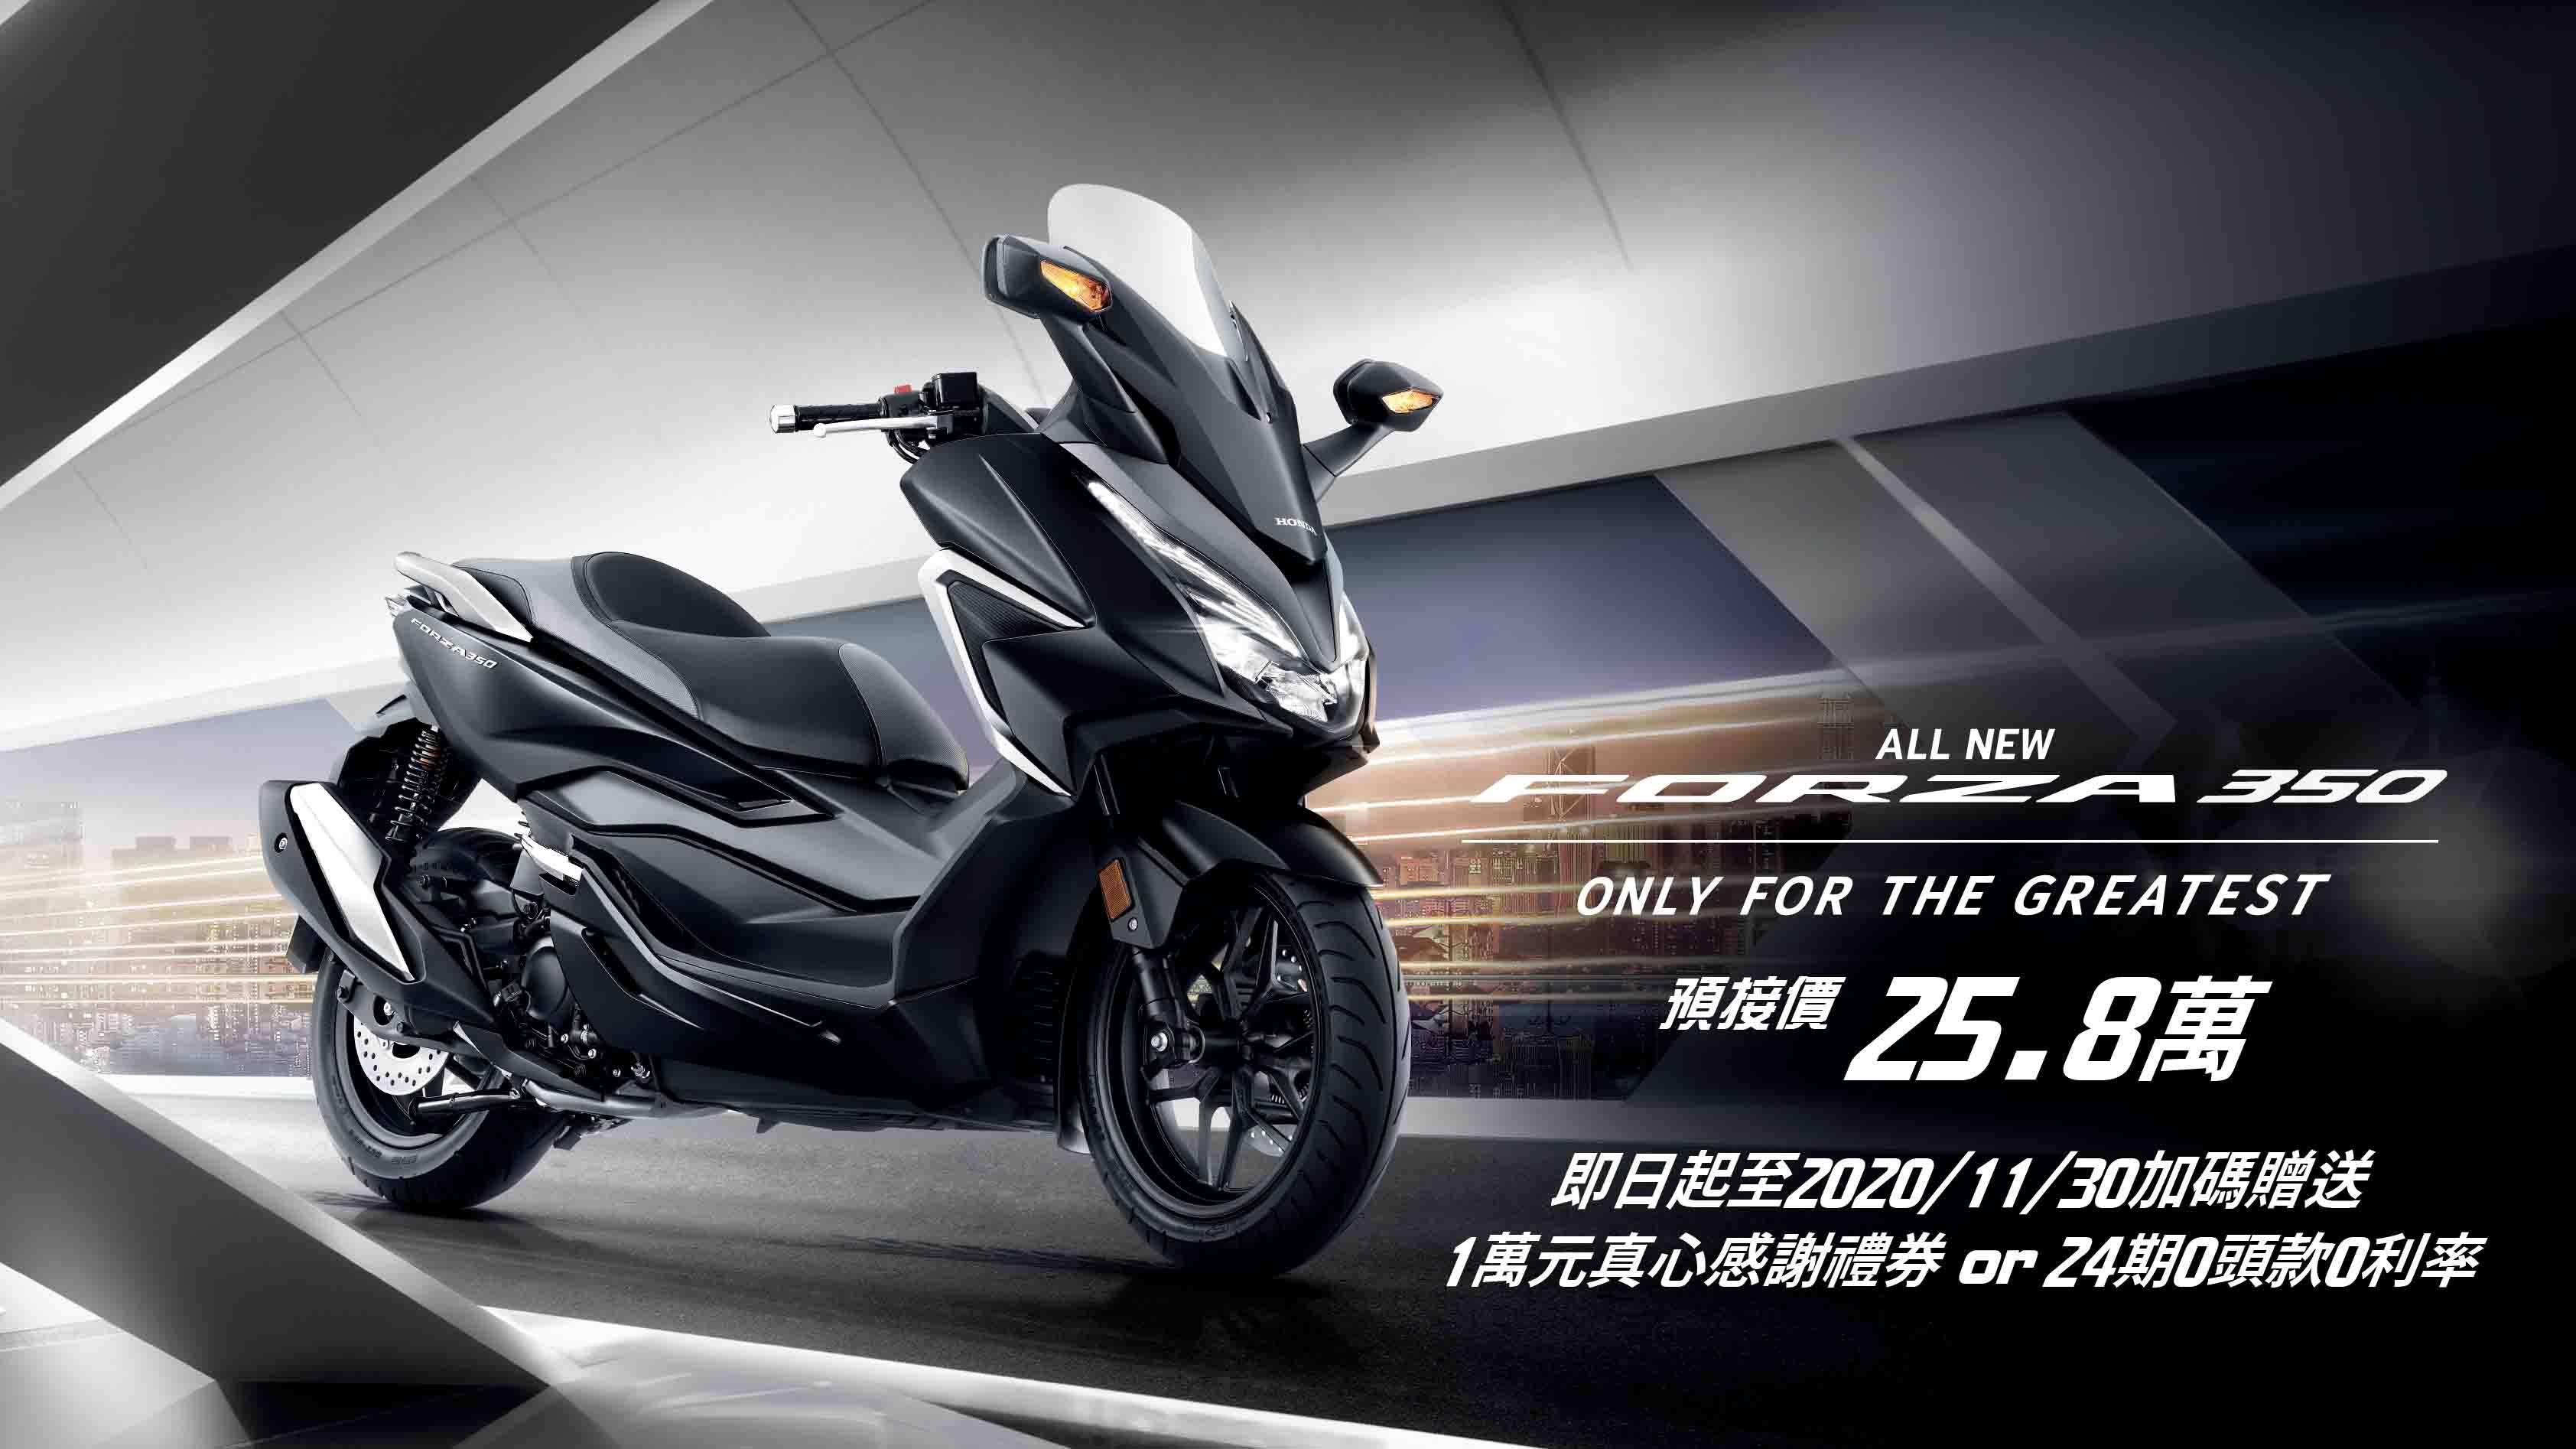 2021 年式 Honda Forza 350 預售價 25.8 萬,11 月底前享專屬優惠